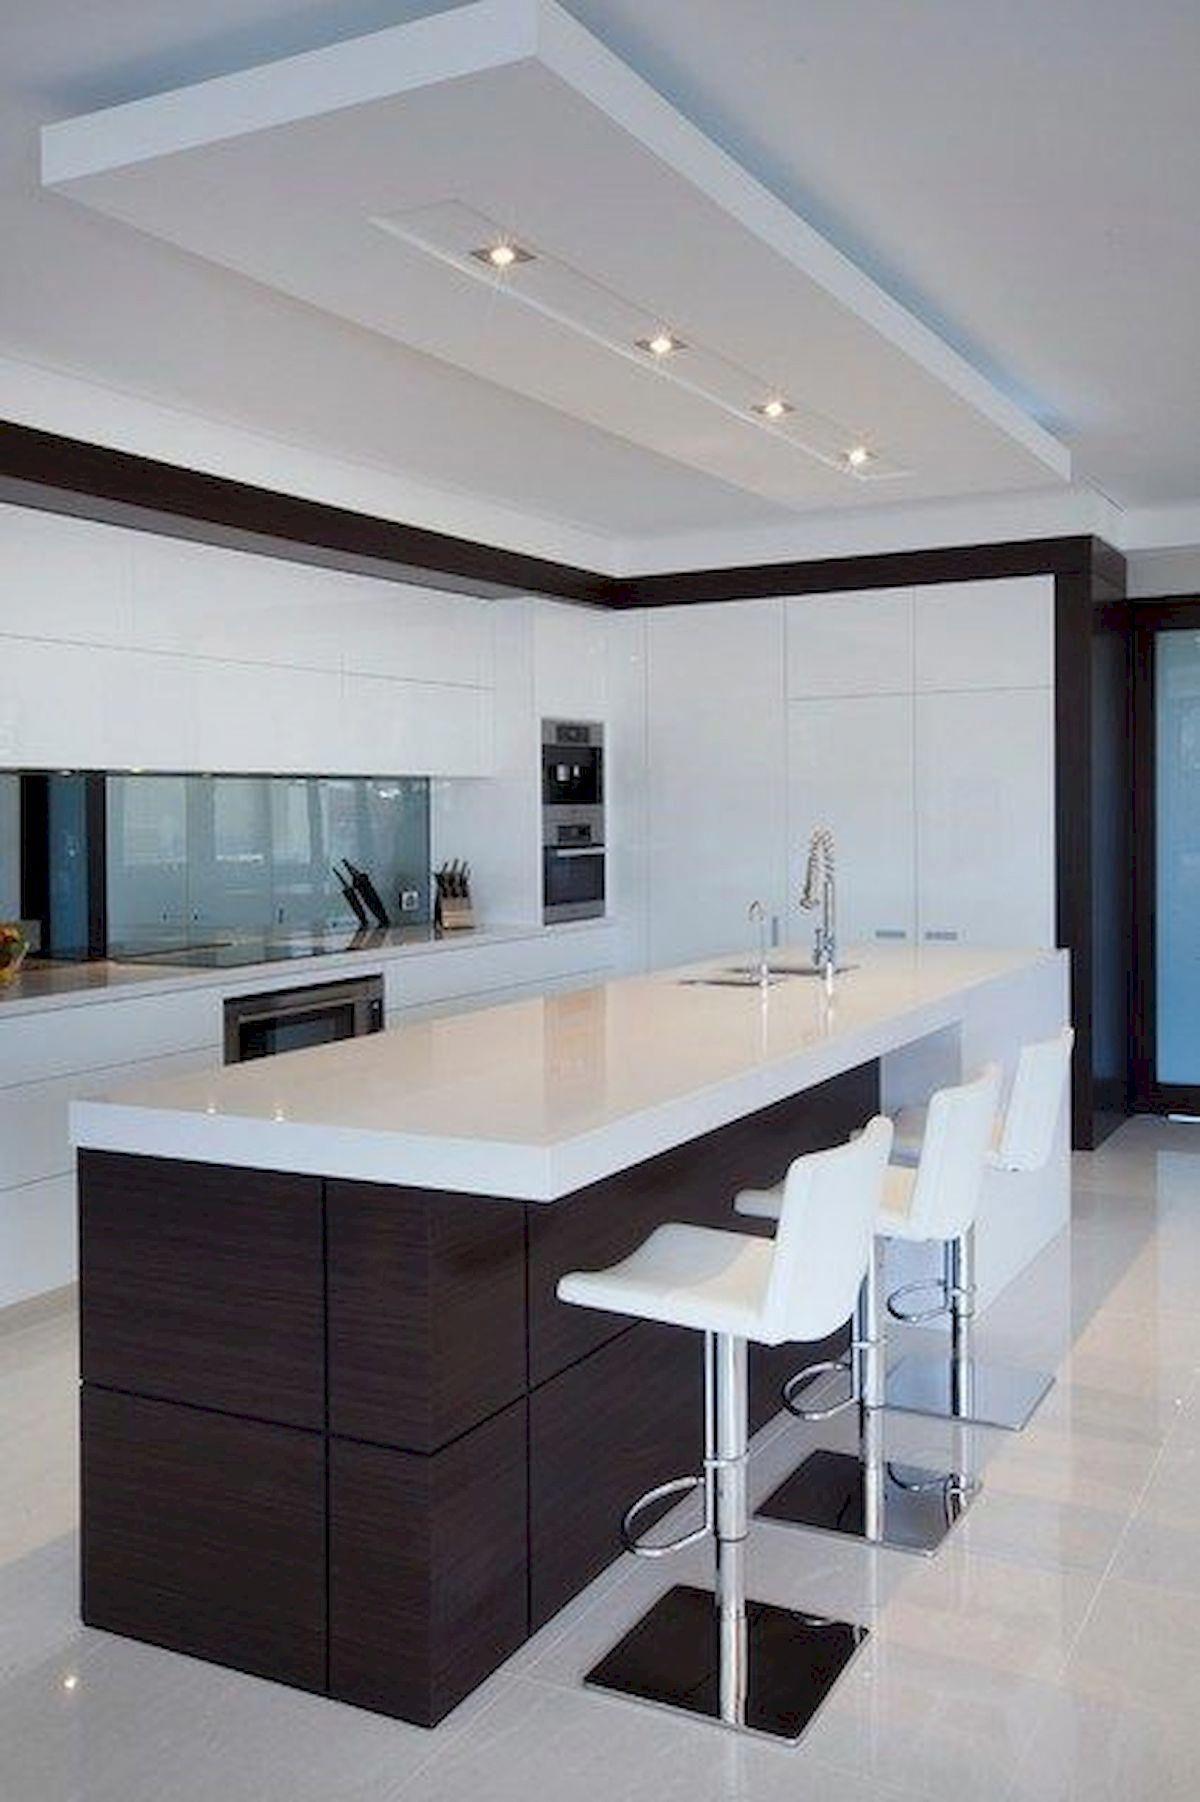 Bestkitcheninterior Modern Kitchen Design Kitchen Room Design Dream Kitchens Design Kitchen ceiling design ideas